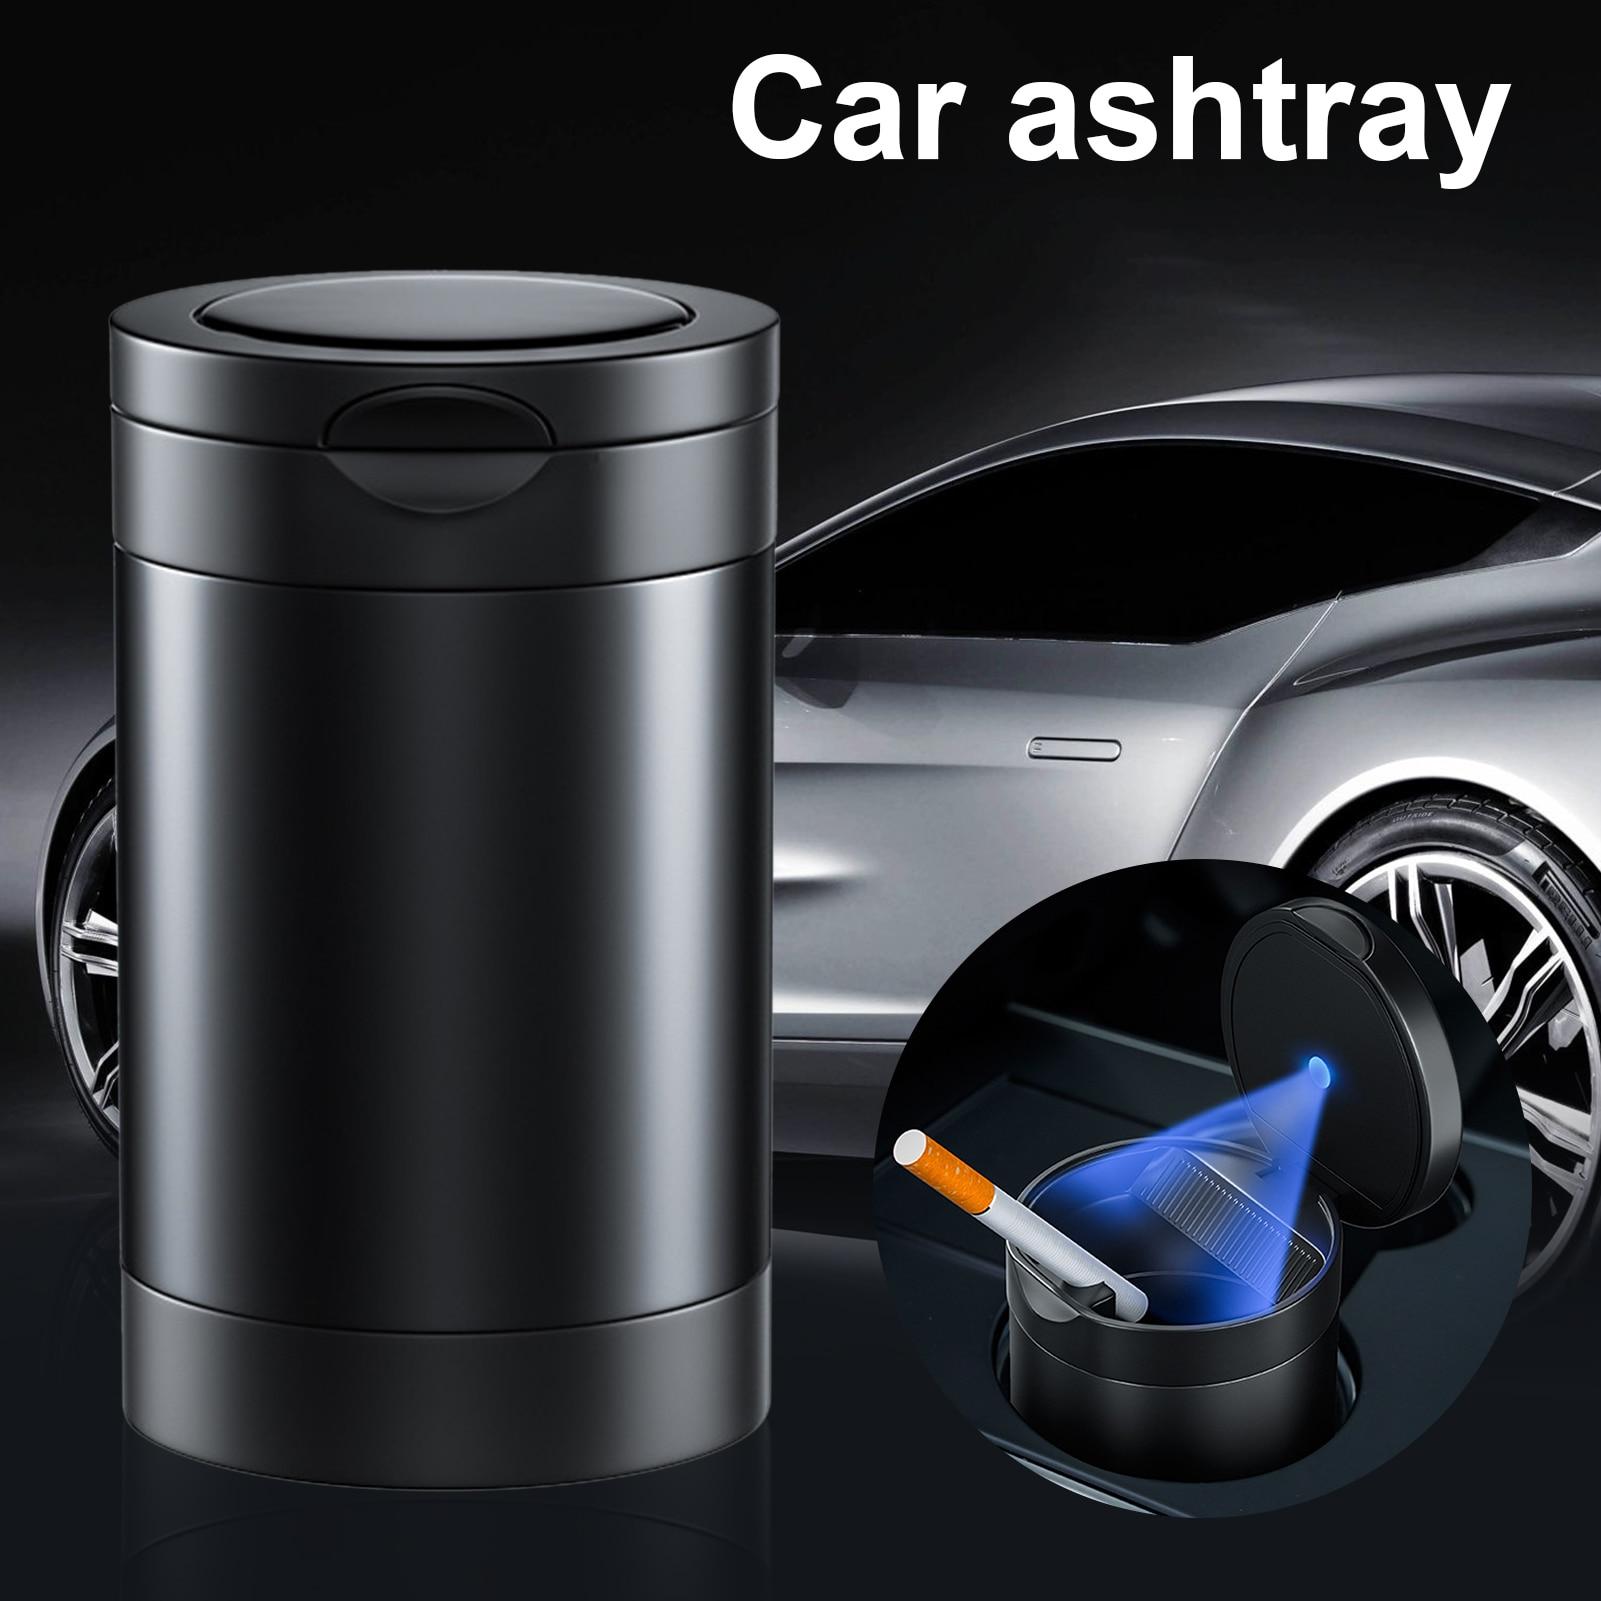 Алюминий сплав автомобильная пепельница со светодиодной подсветкой Портативный курение бездымный может Температура из поликарбоната для ...